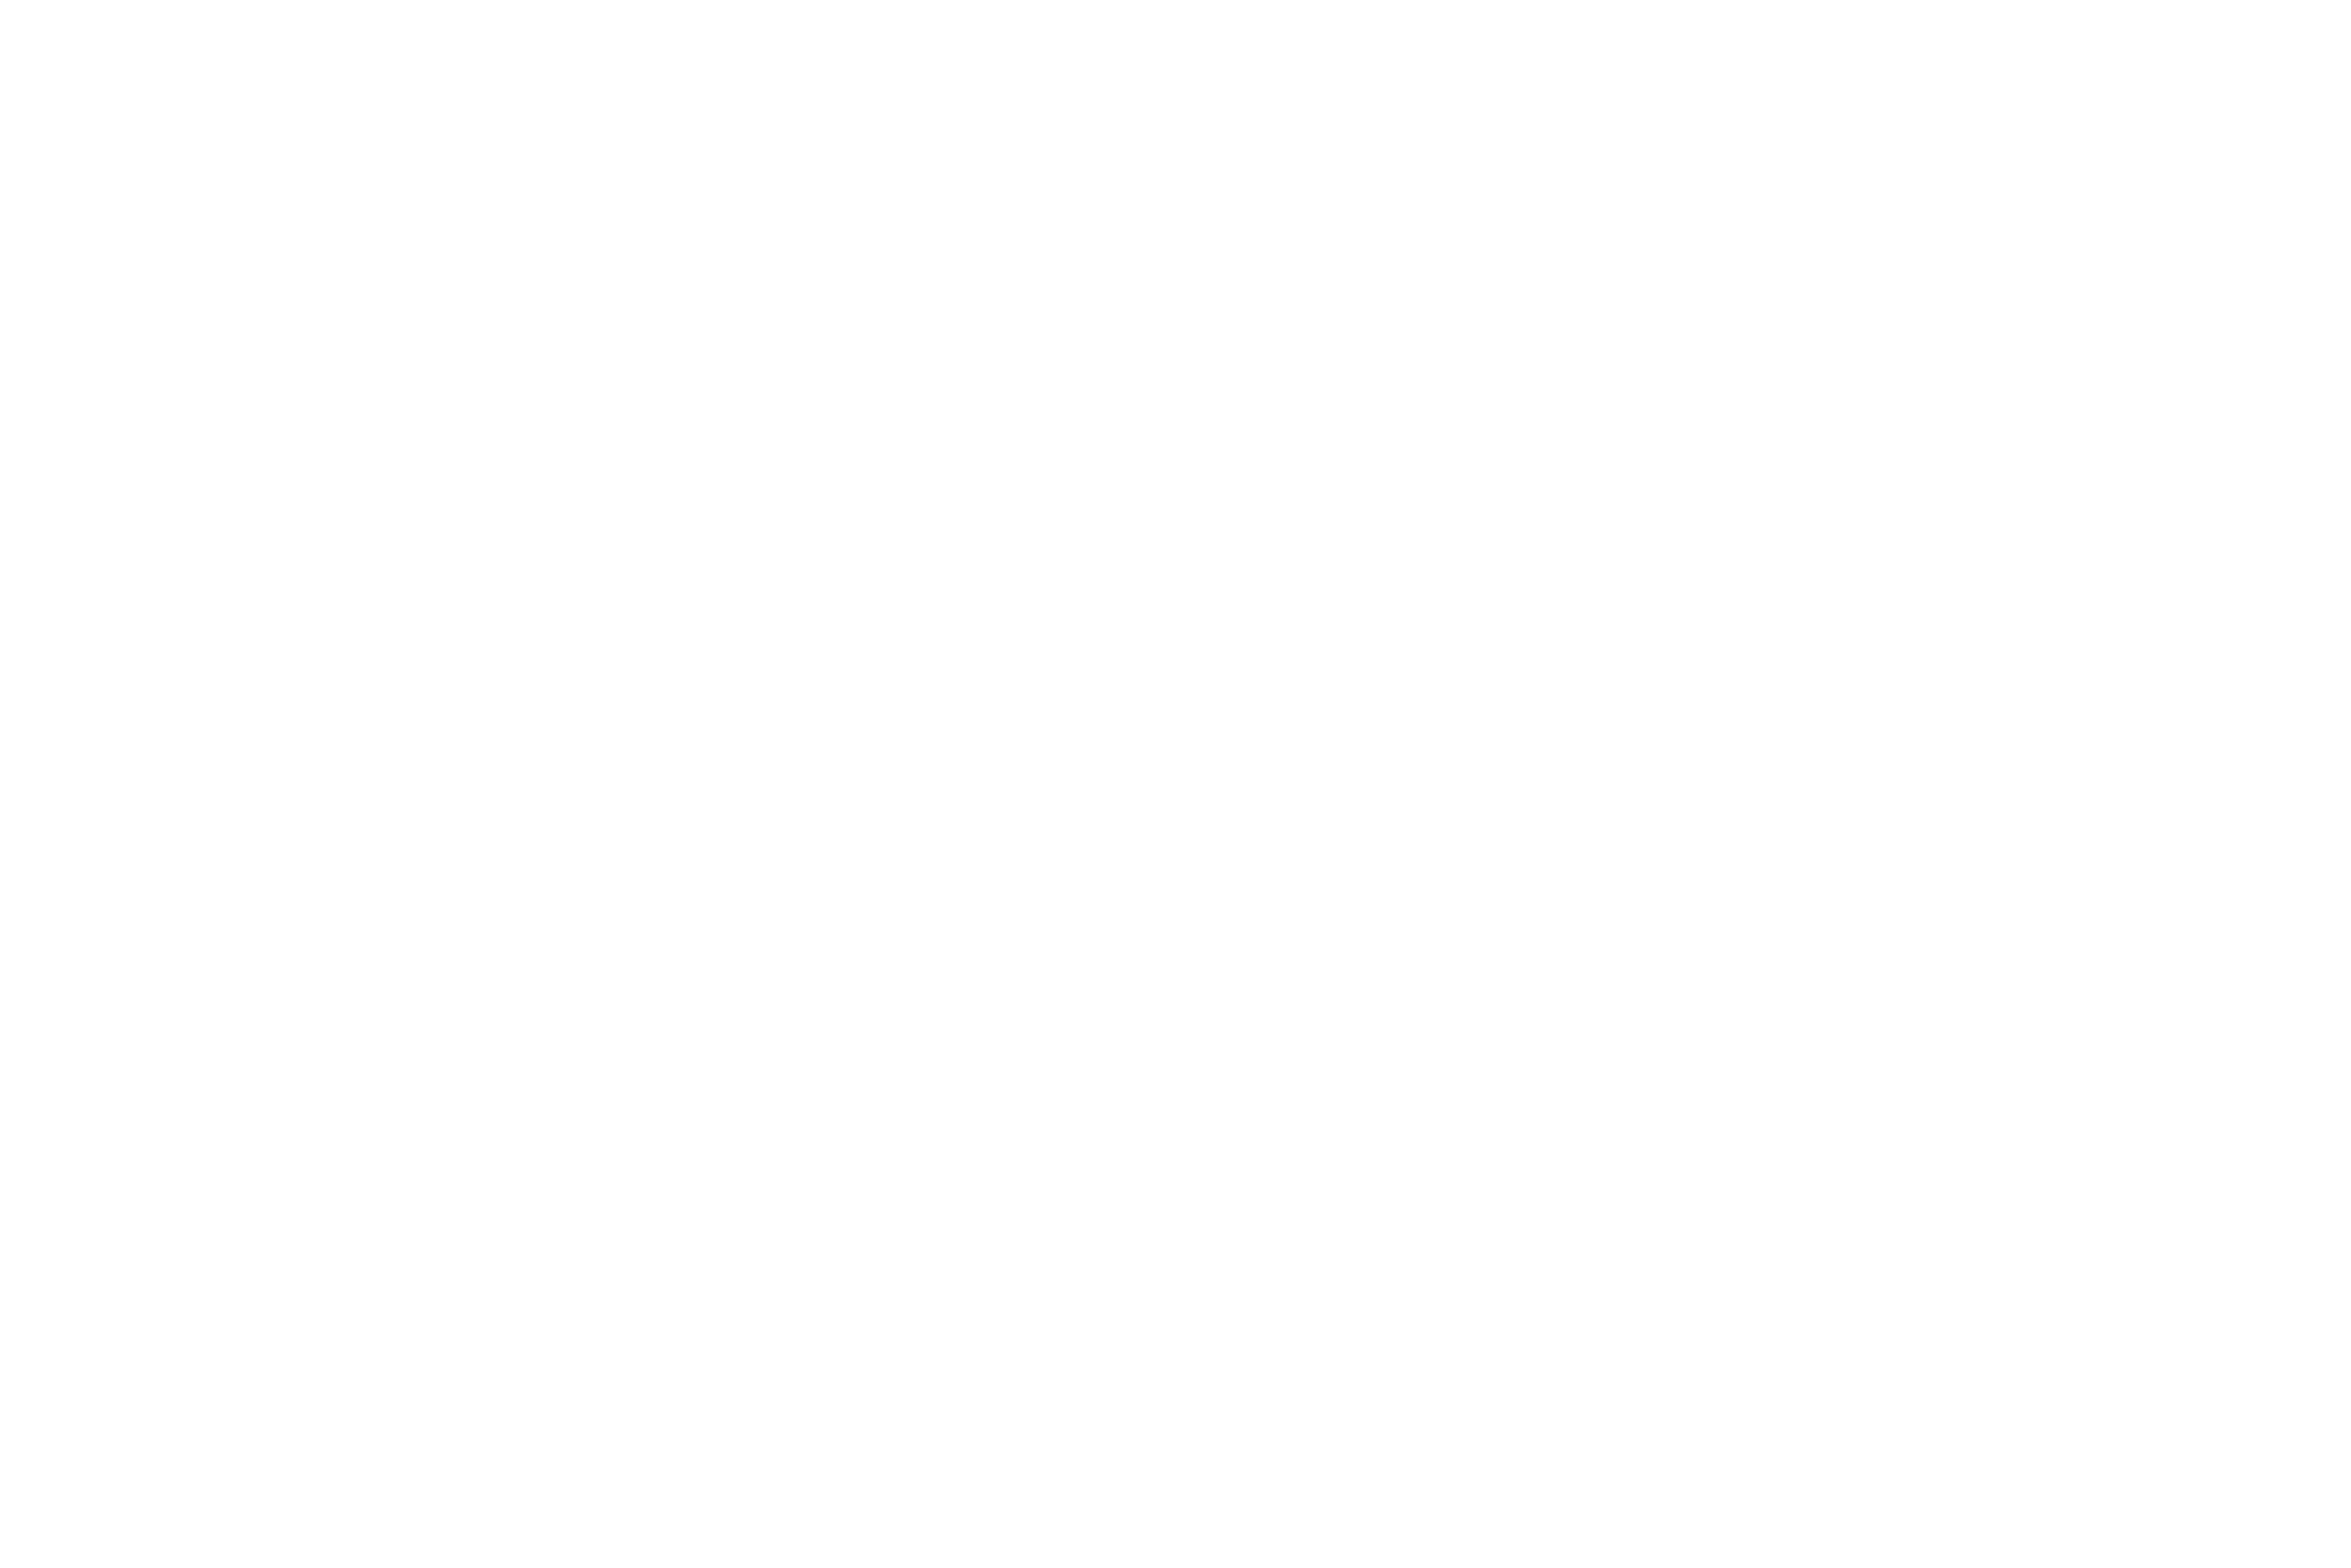 Americorps Stackedlogo Rev